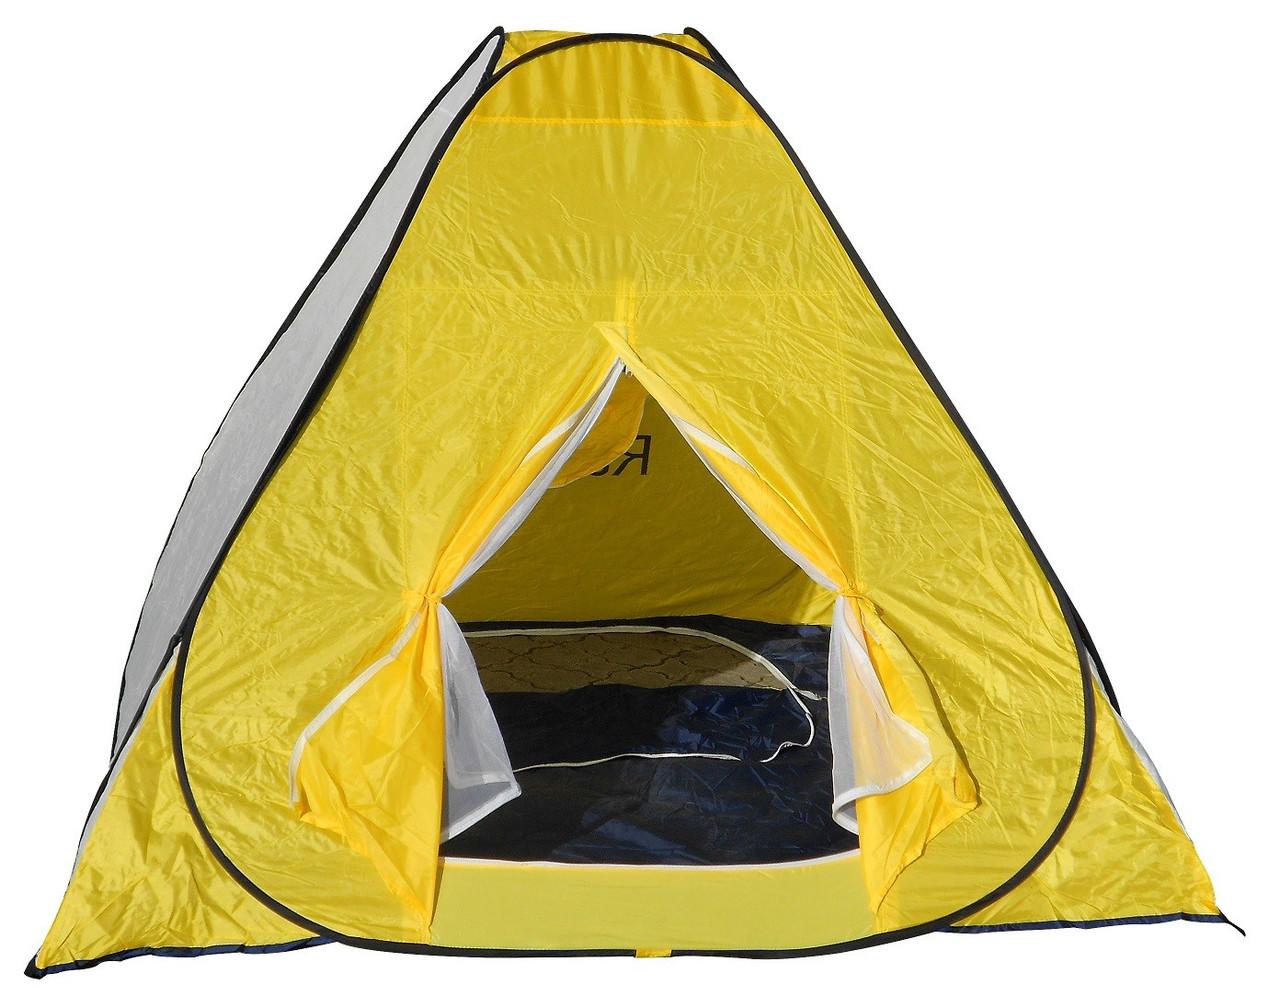 Всесезонная палатка для рыбалки Ranger winter-5 weekend RA 6602 + СЛЕДАЕМ СКИДКУ!